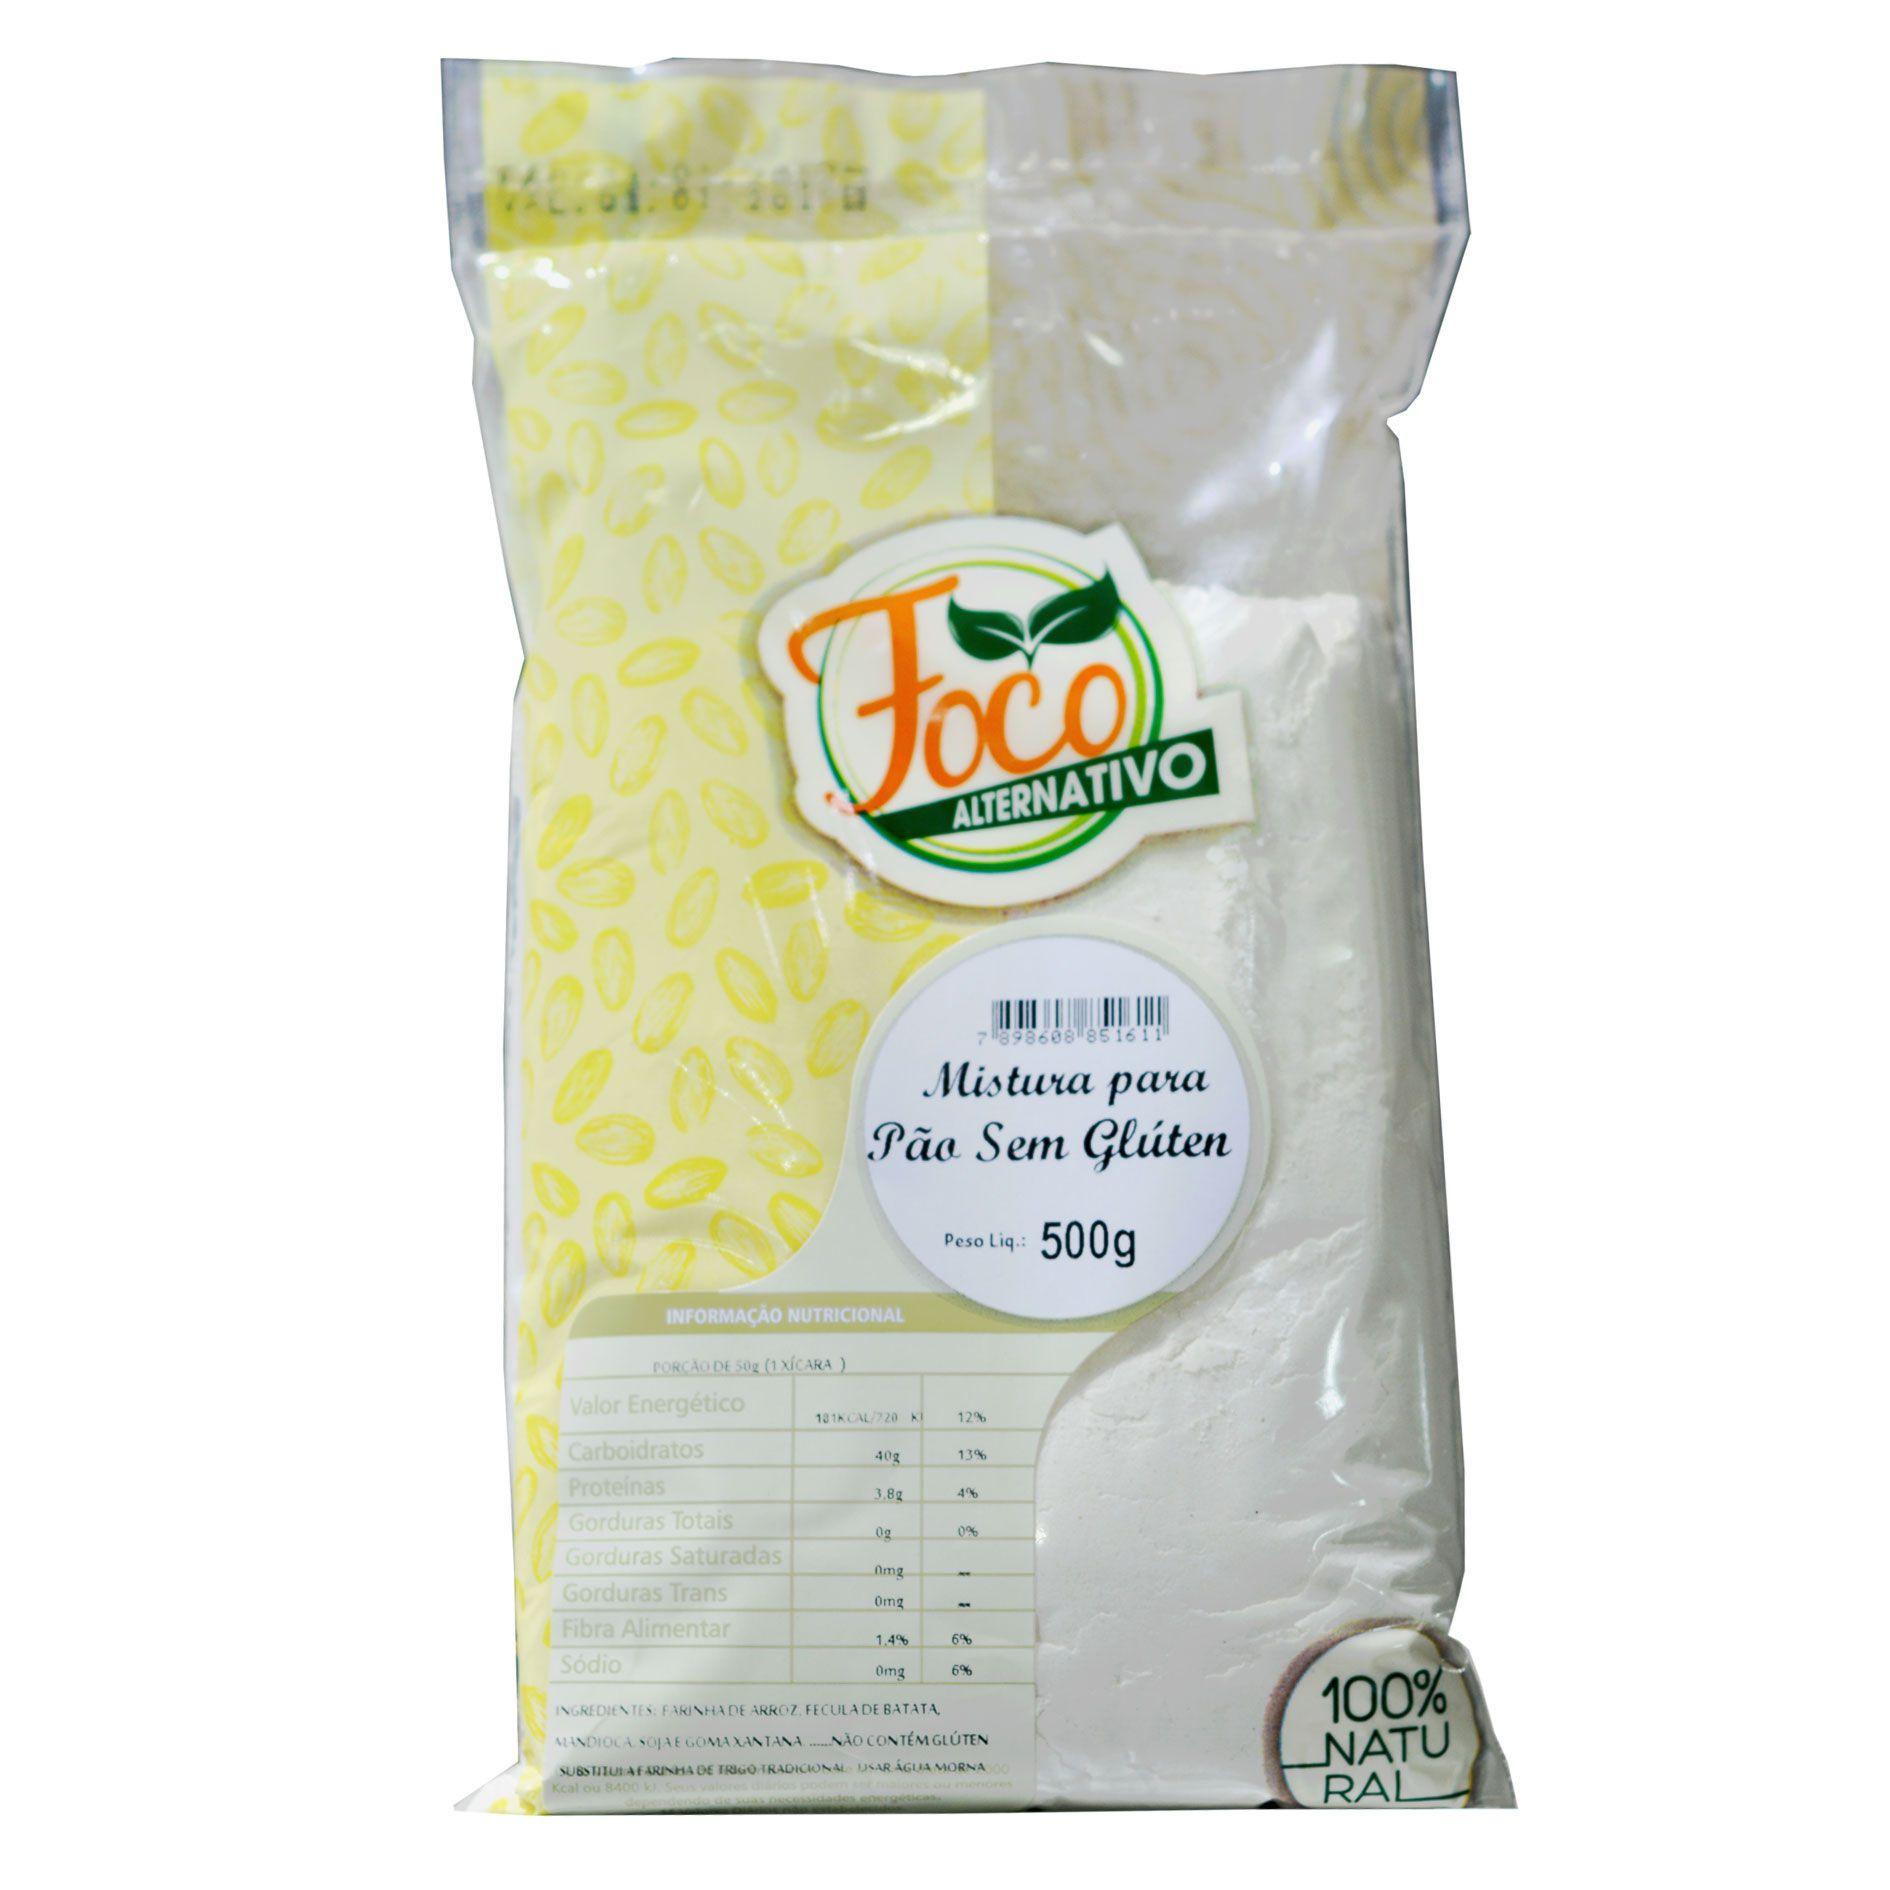 Mistura para Pão sem Glúten - 500g - Foco Alternativo